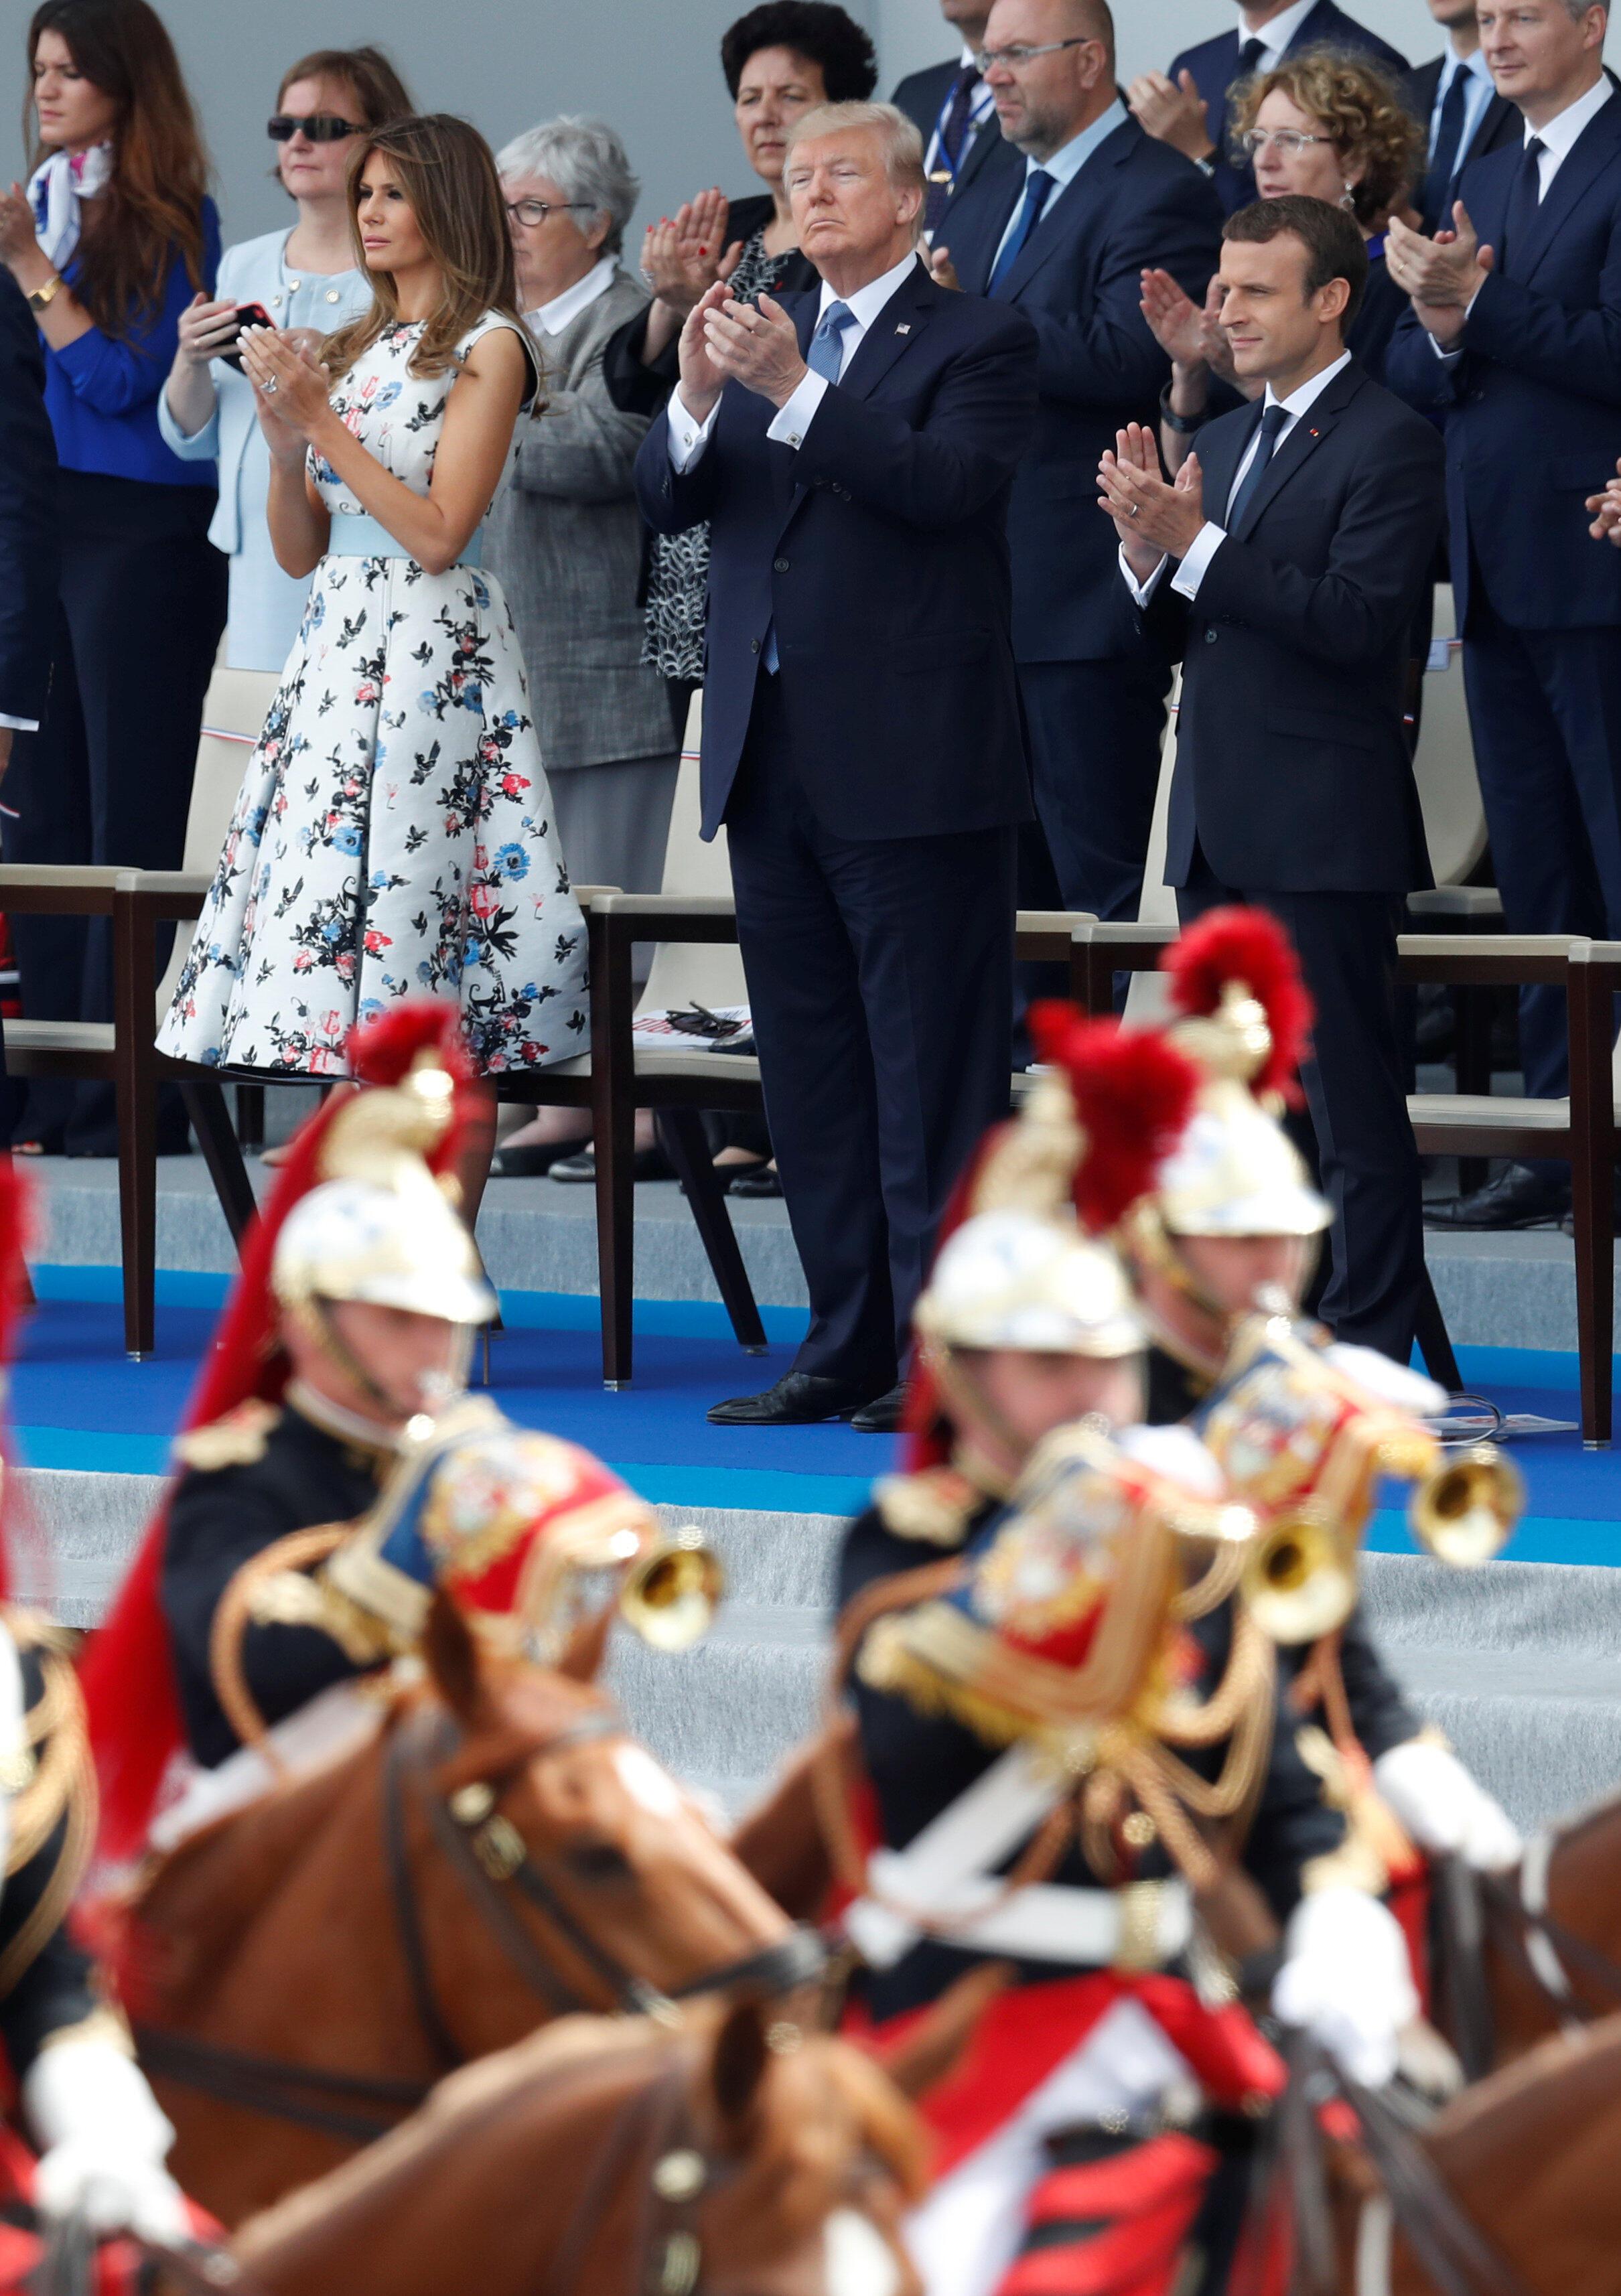 Tổng thống Mỹ Donald Trump trên khán đài danh dự nhân Quốc khánh Pháp 14/07/2017 khi Vệ binh Cộng hòa diễu qua trên lưng ngựa.